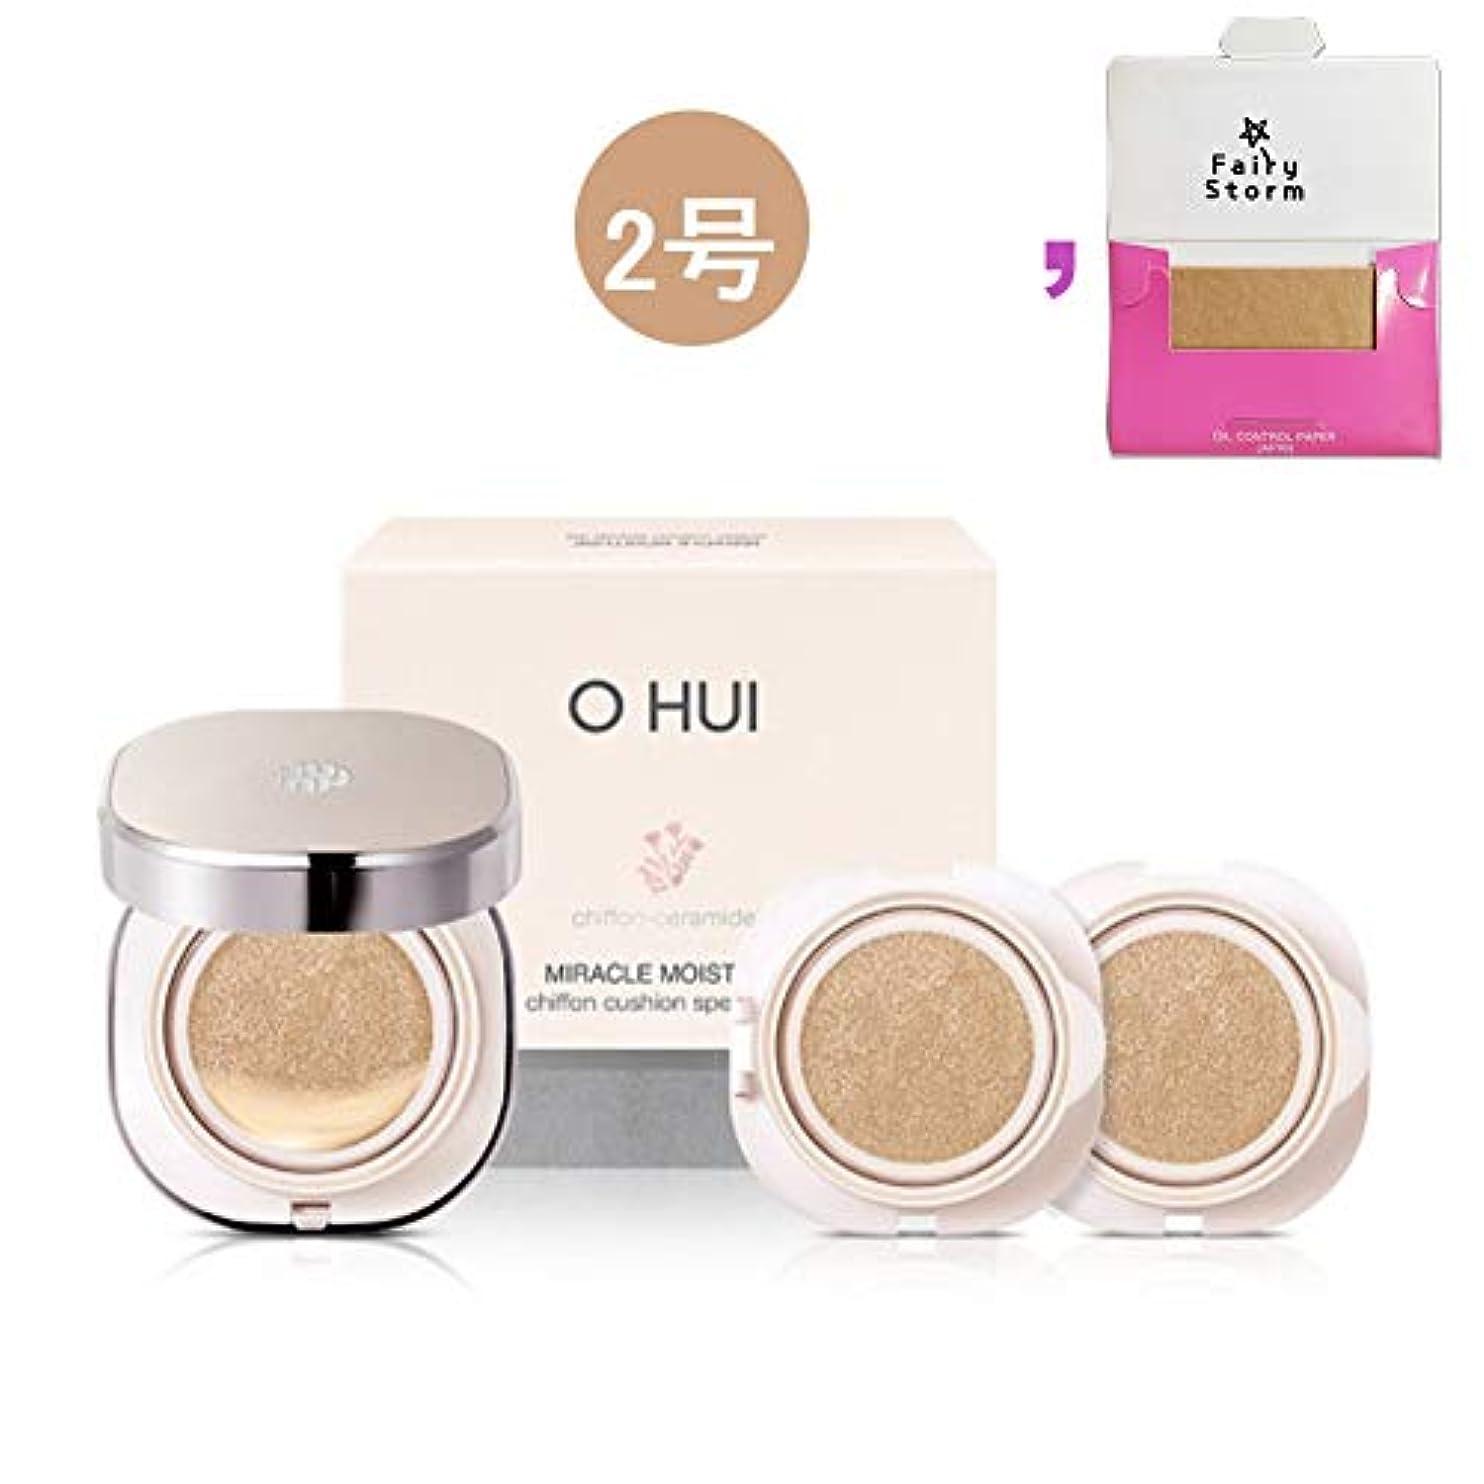 [オフィ/ O HUI]韓国化粧品 LG生活健康/ohui Miracle Moisture shiffon cushion/ミラクル モイスチャーシフォンクッ ション + [Sample Gift](海外直送品) (2号)